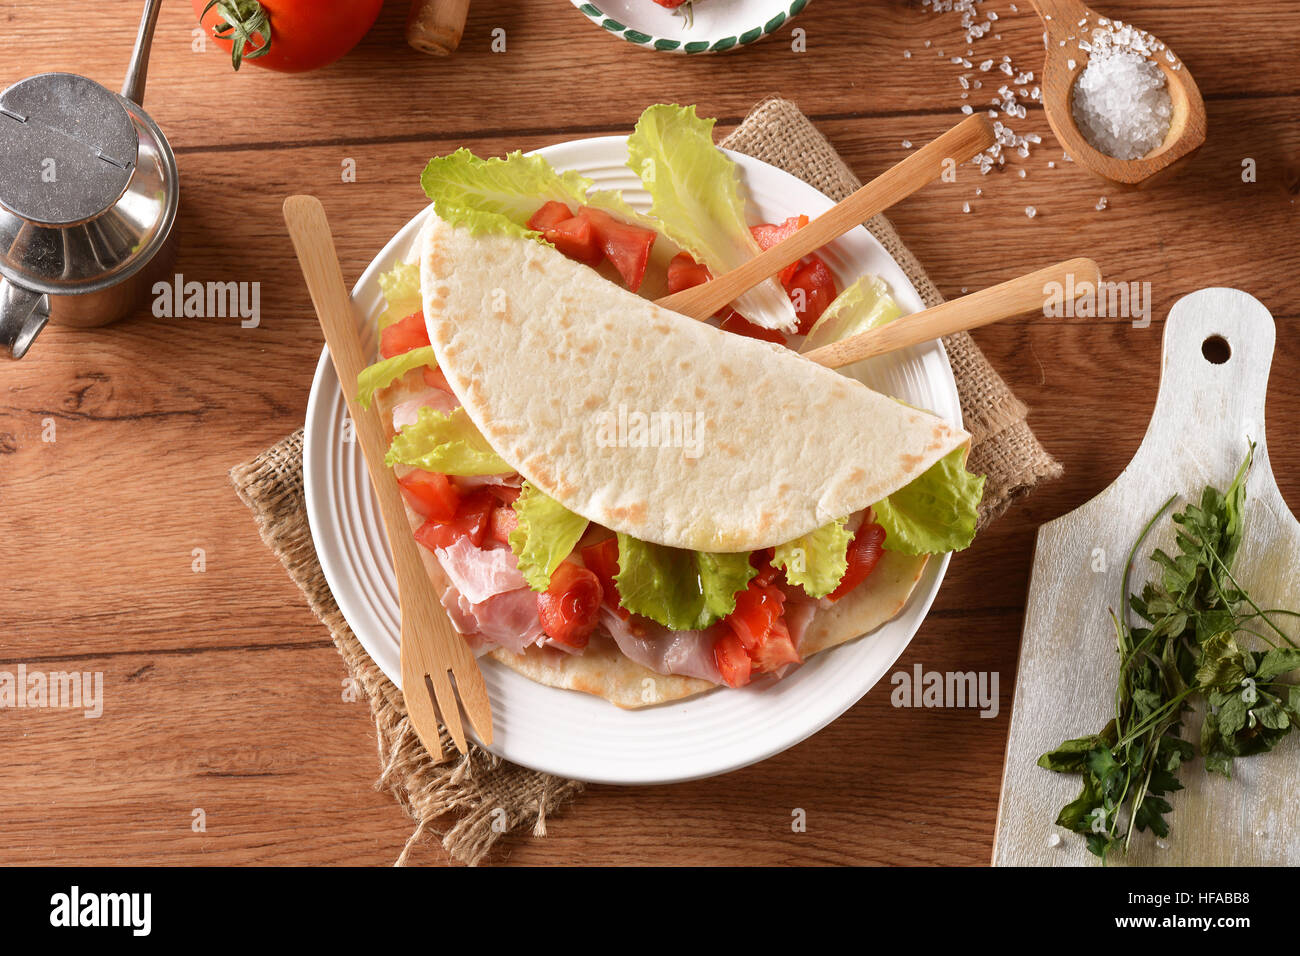 Piadina con prosciutto e pomodoro e verdure - tradizionale ricetta italiana Immagini Stock